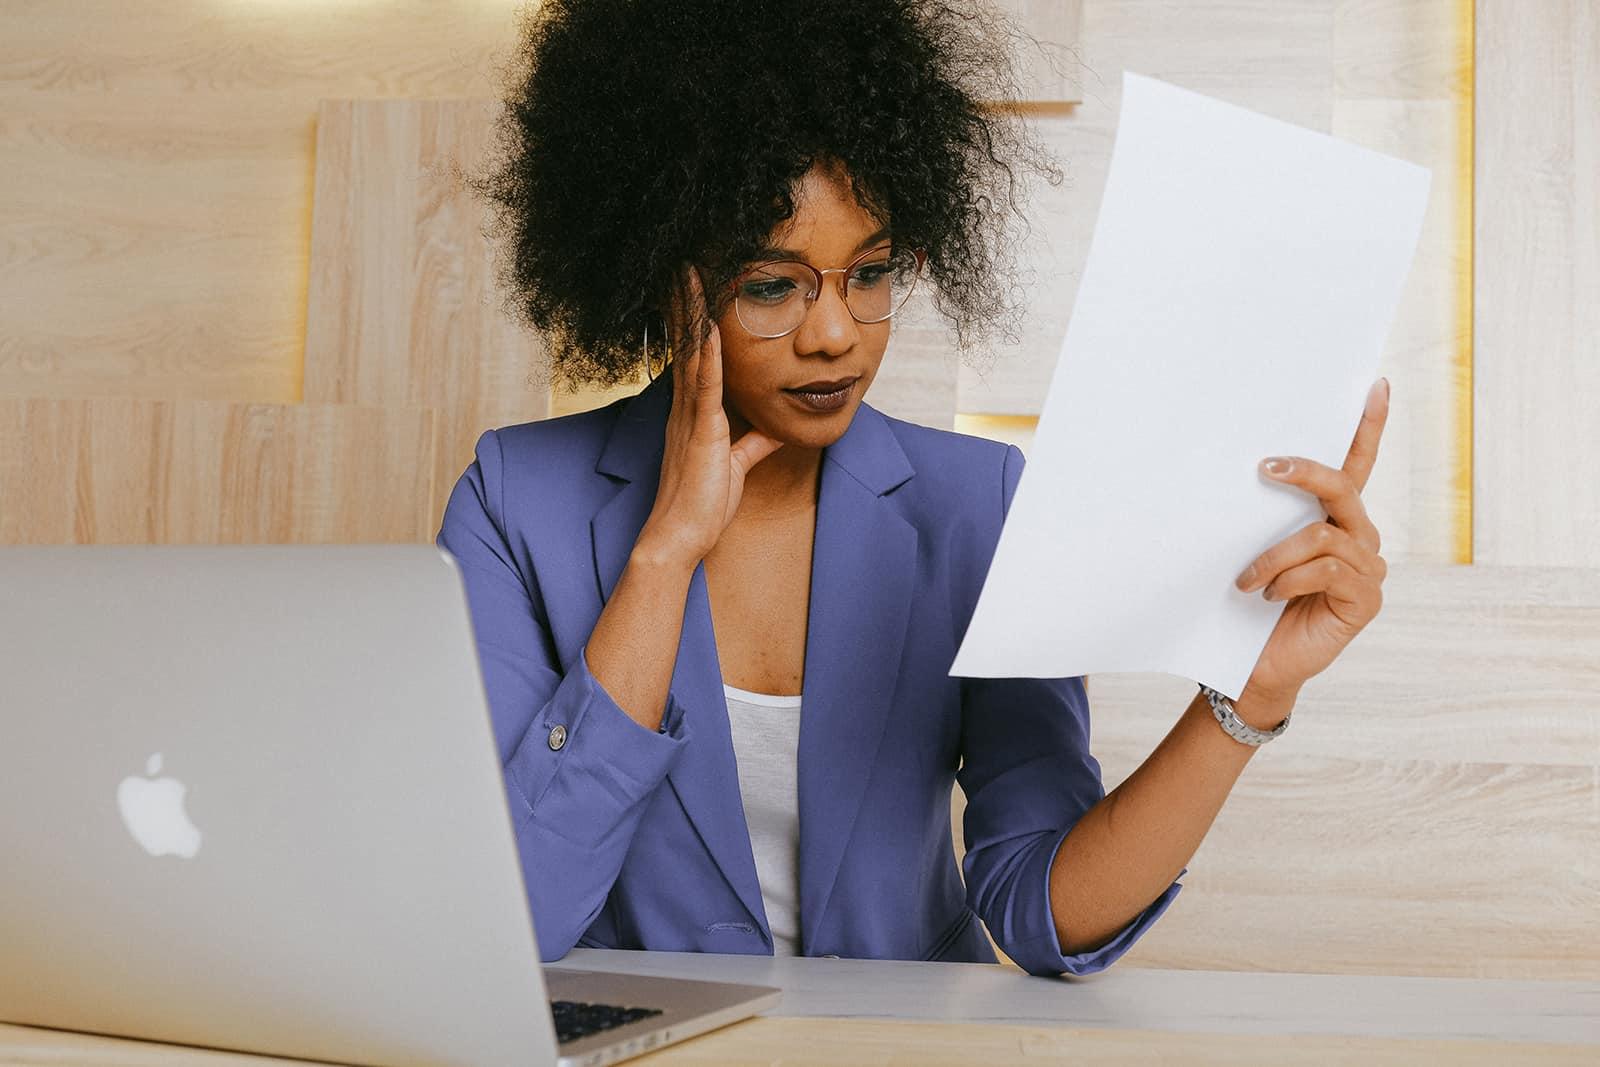 eine Geschäftsfrau, die ein Dokument im Büro liest